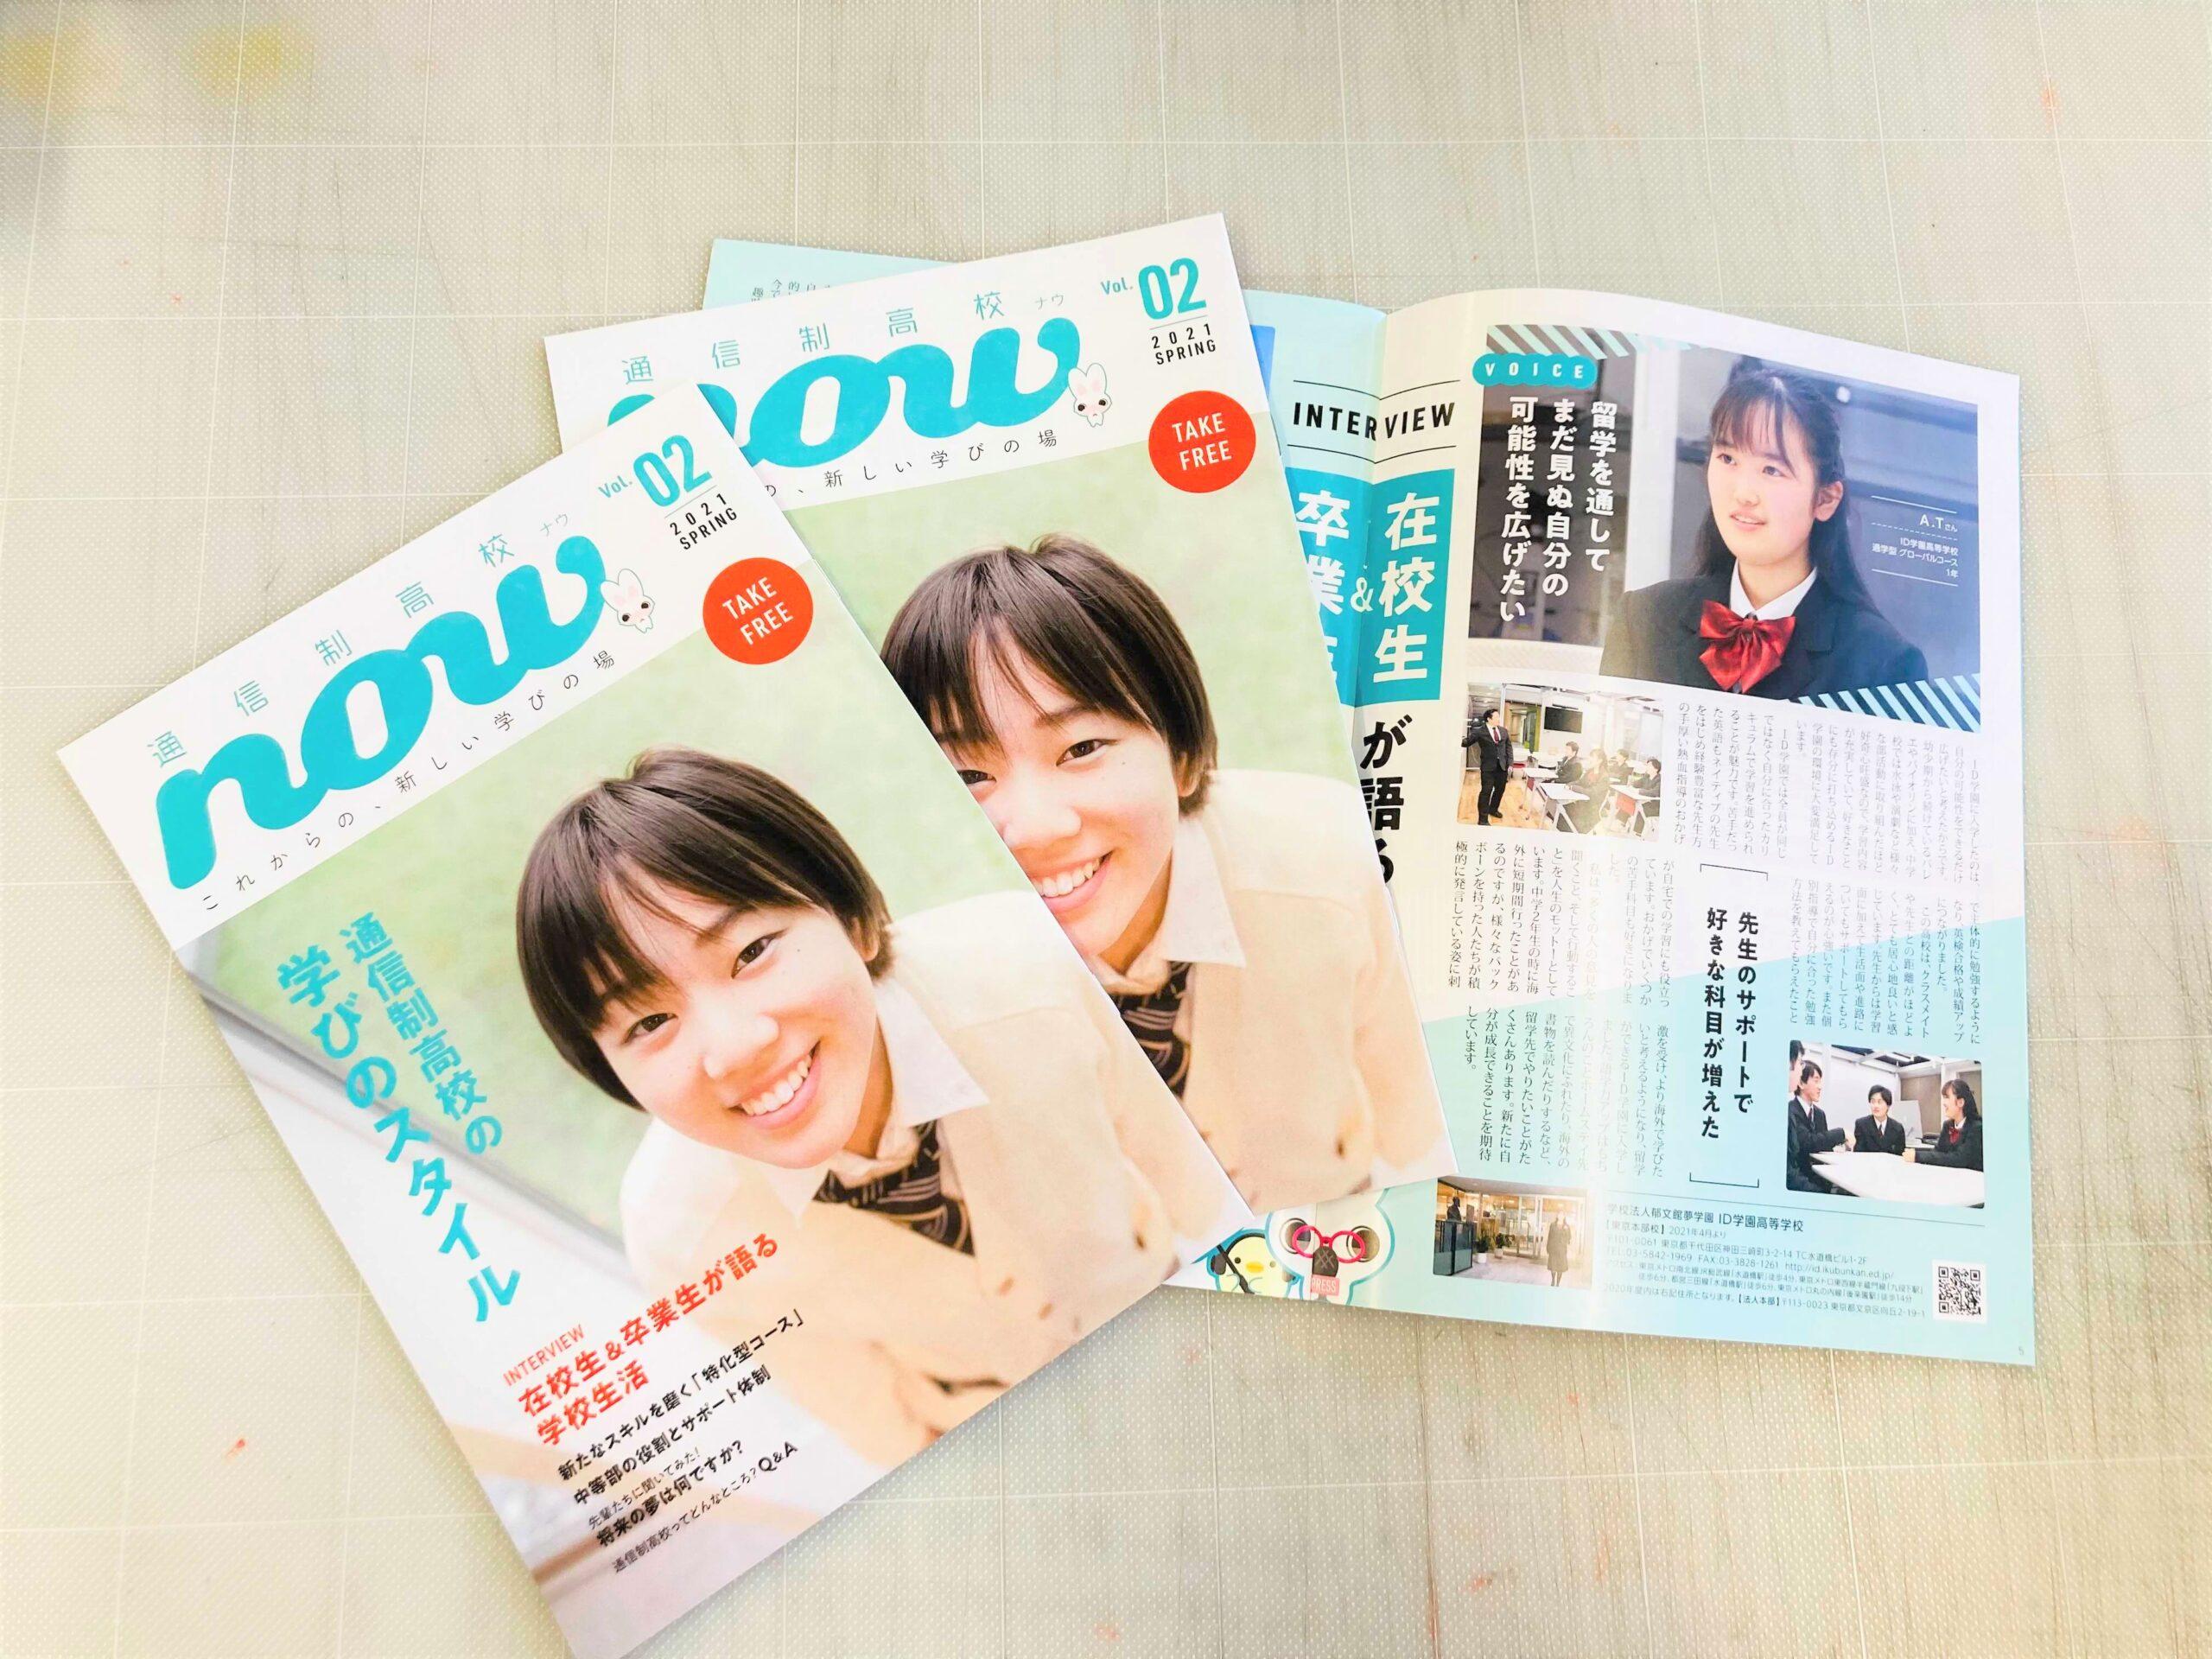 『通信制高校NOW』 vol.2に生徒インタビューが掲載されました!